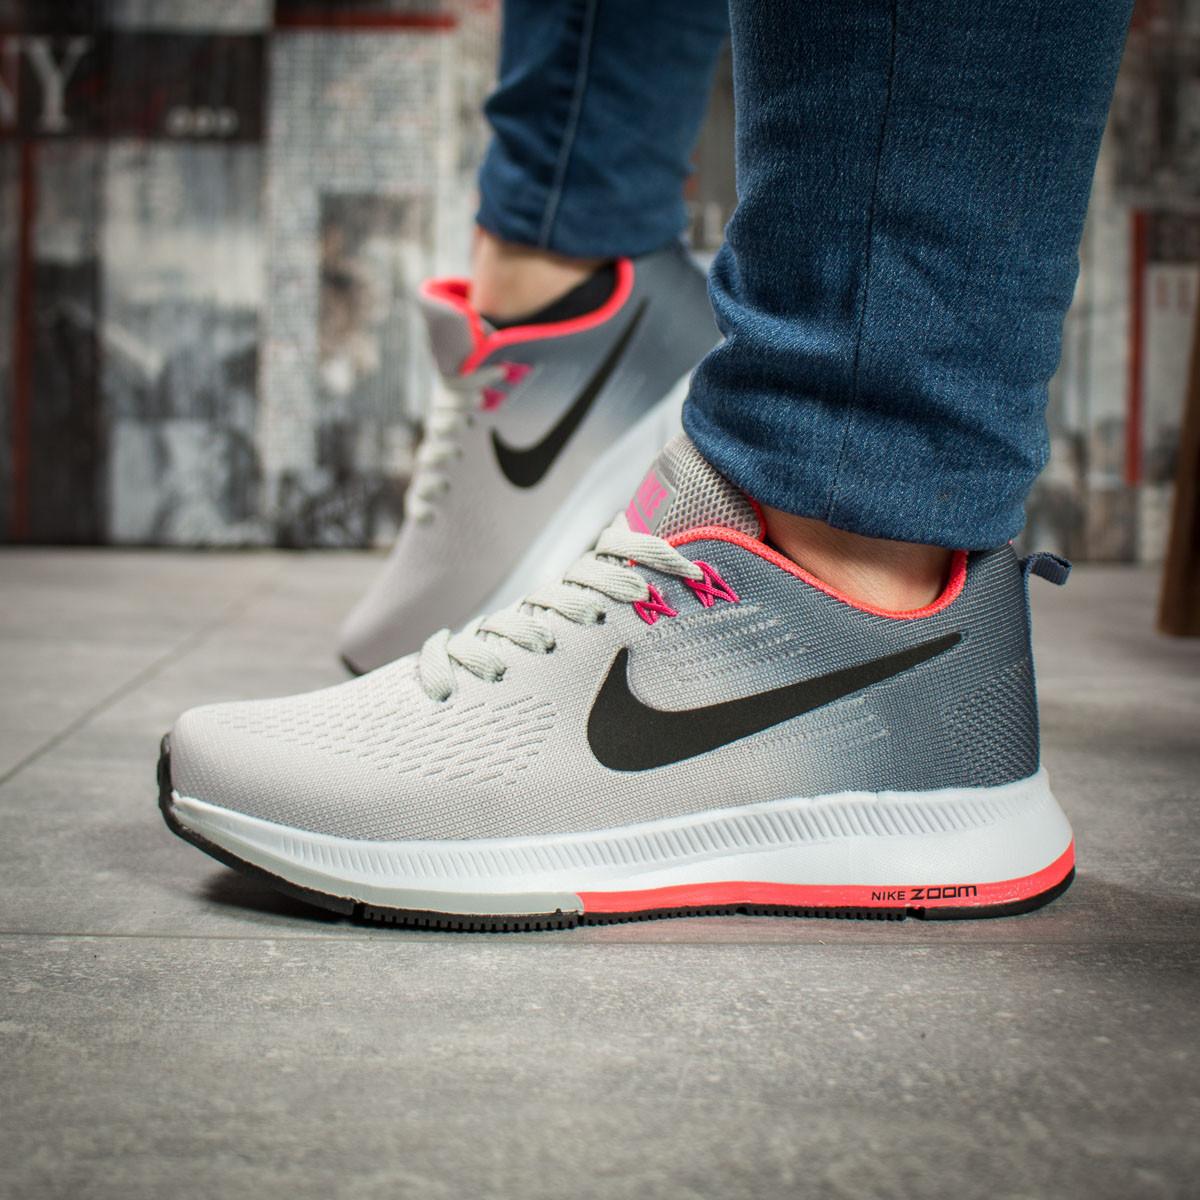 Кроссовки женские Nike Zoom Pegasus, серые (16032) размеры в наличии ►(нет на складе)